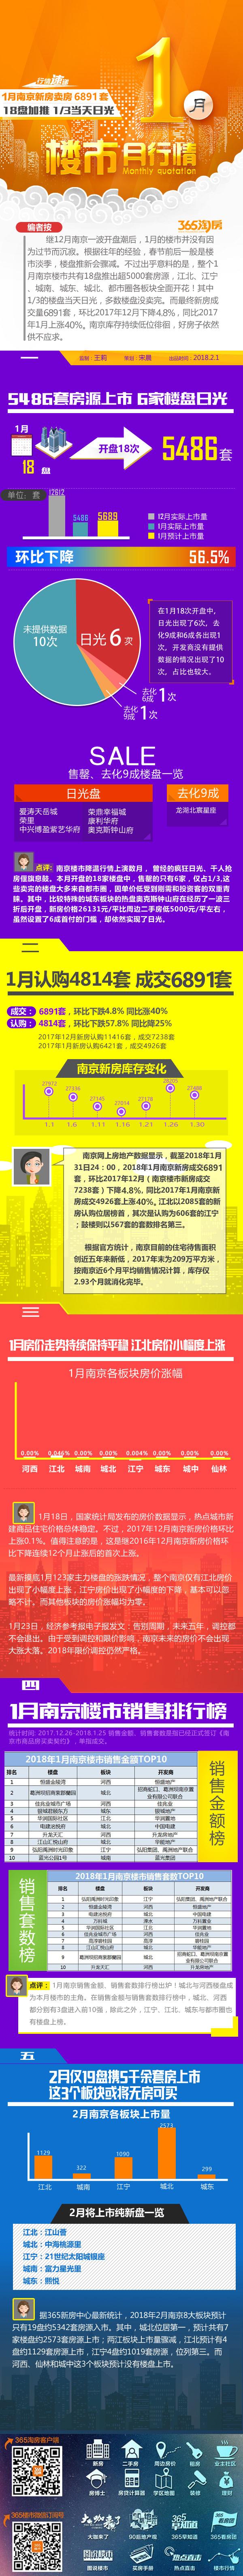 1月南京楼市网尚数据